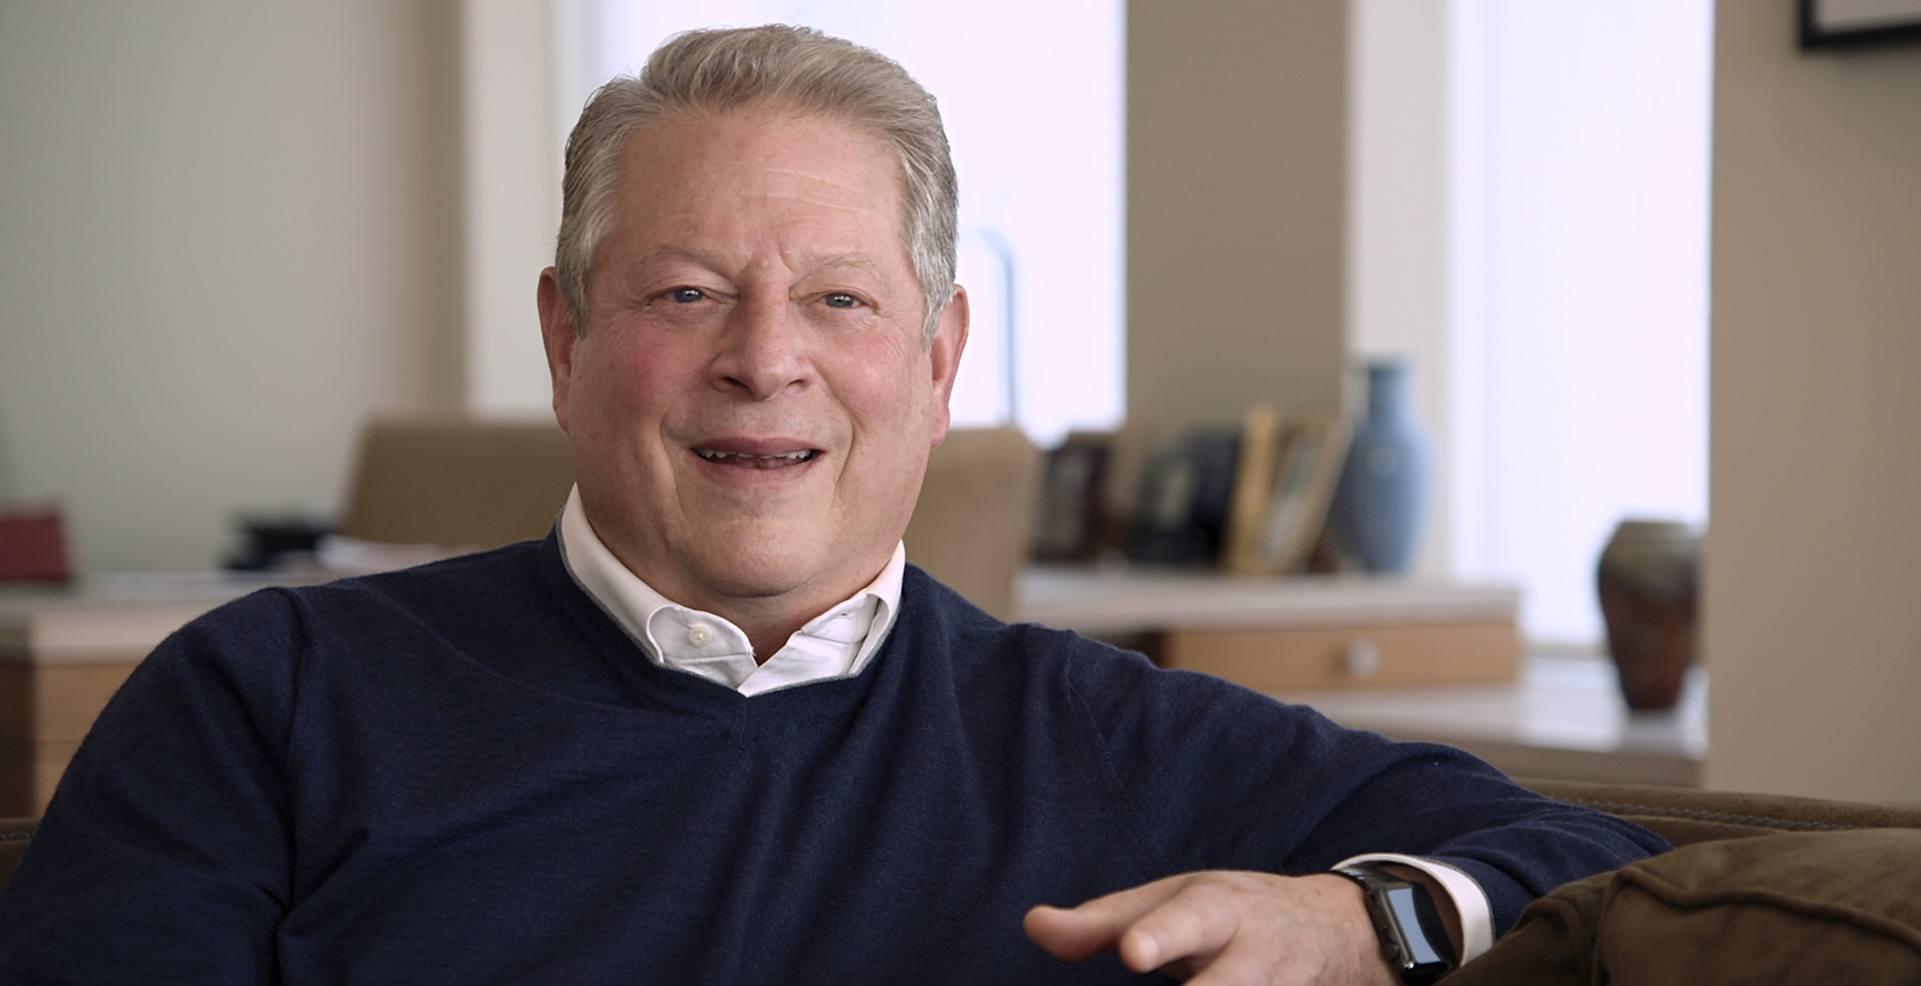 INTERVIEW: Al Gore talks Trump, climate change, and An Inconvenient Sequel